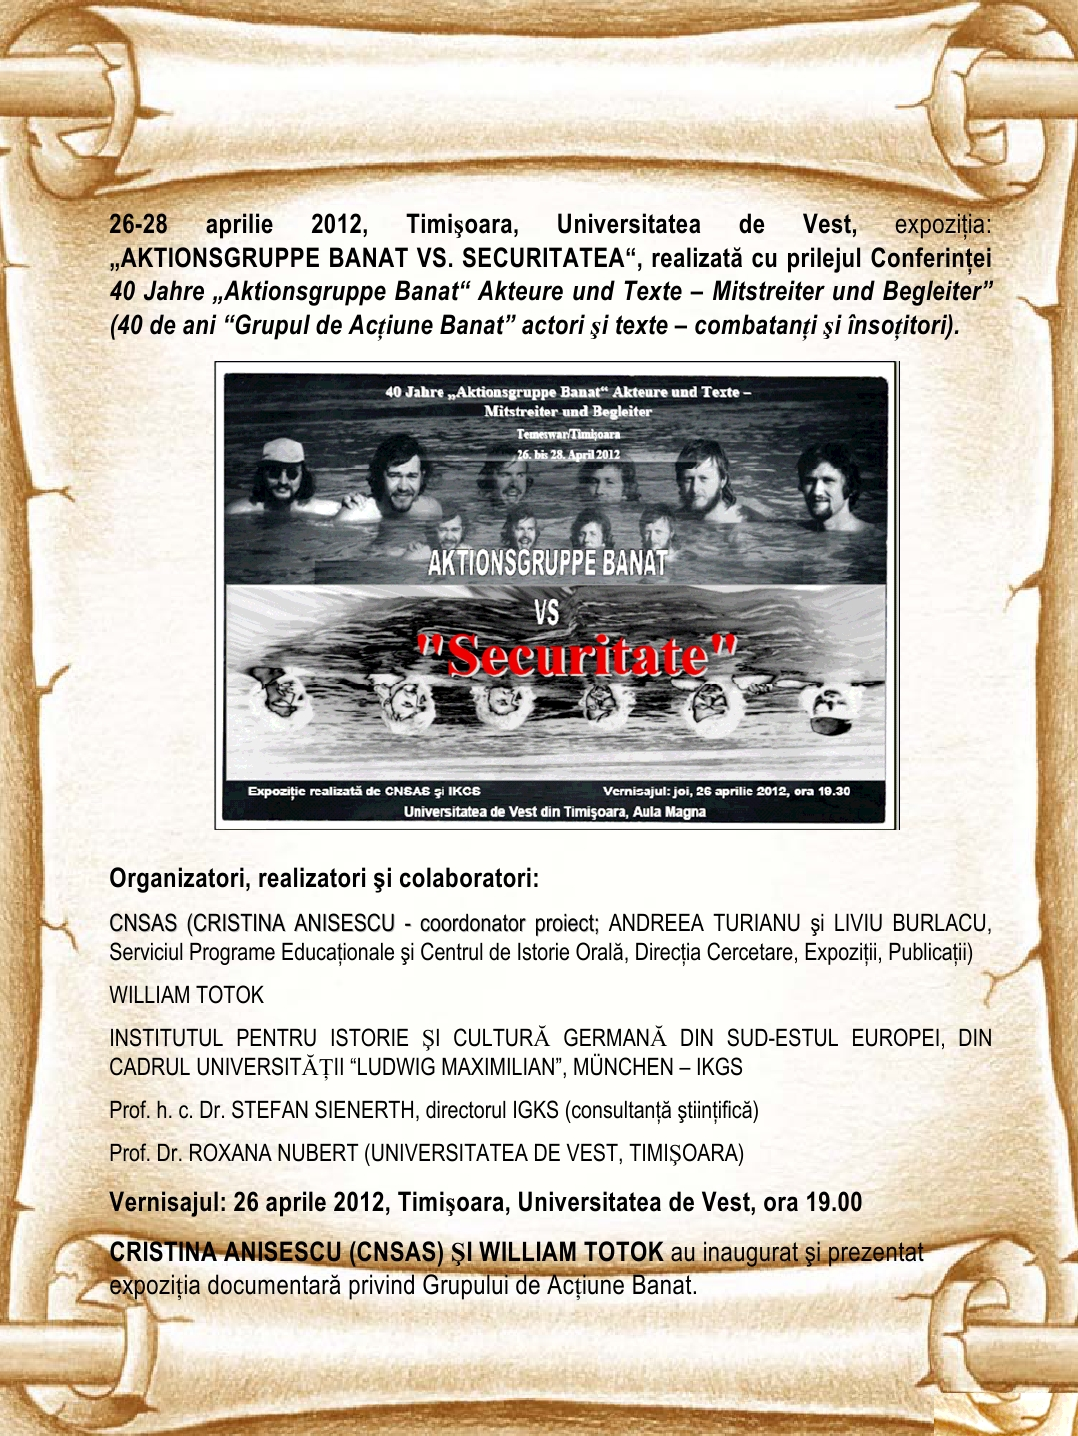 Poster of the exhibition: Aktionsgruppe Banat versus Securitatea, Timișoara, 26–28 April 2012